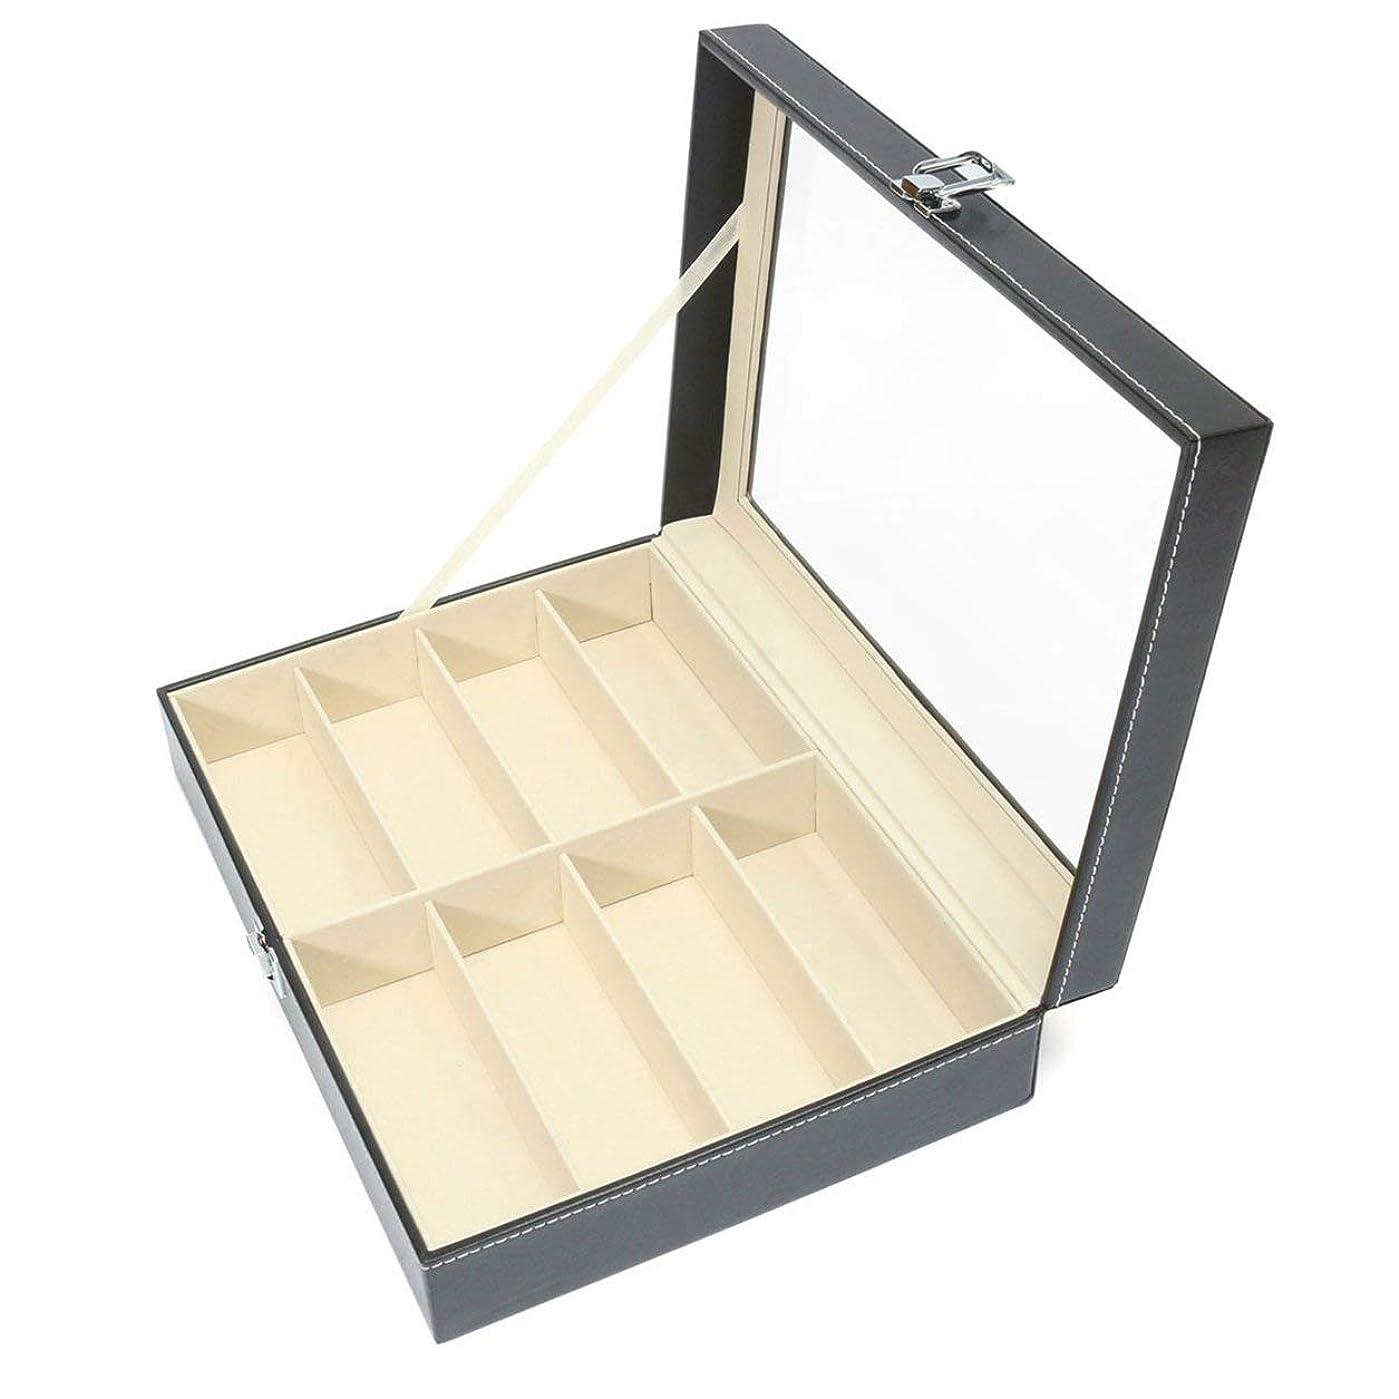 硬化する代わりにブラジャーSaikogoods 実用的なデザイン8グリッドサングラスの収納ケース高級PUレザーメンズ?レディース?サングラスショップ表示ボックスケース 黒